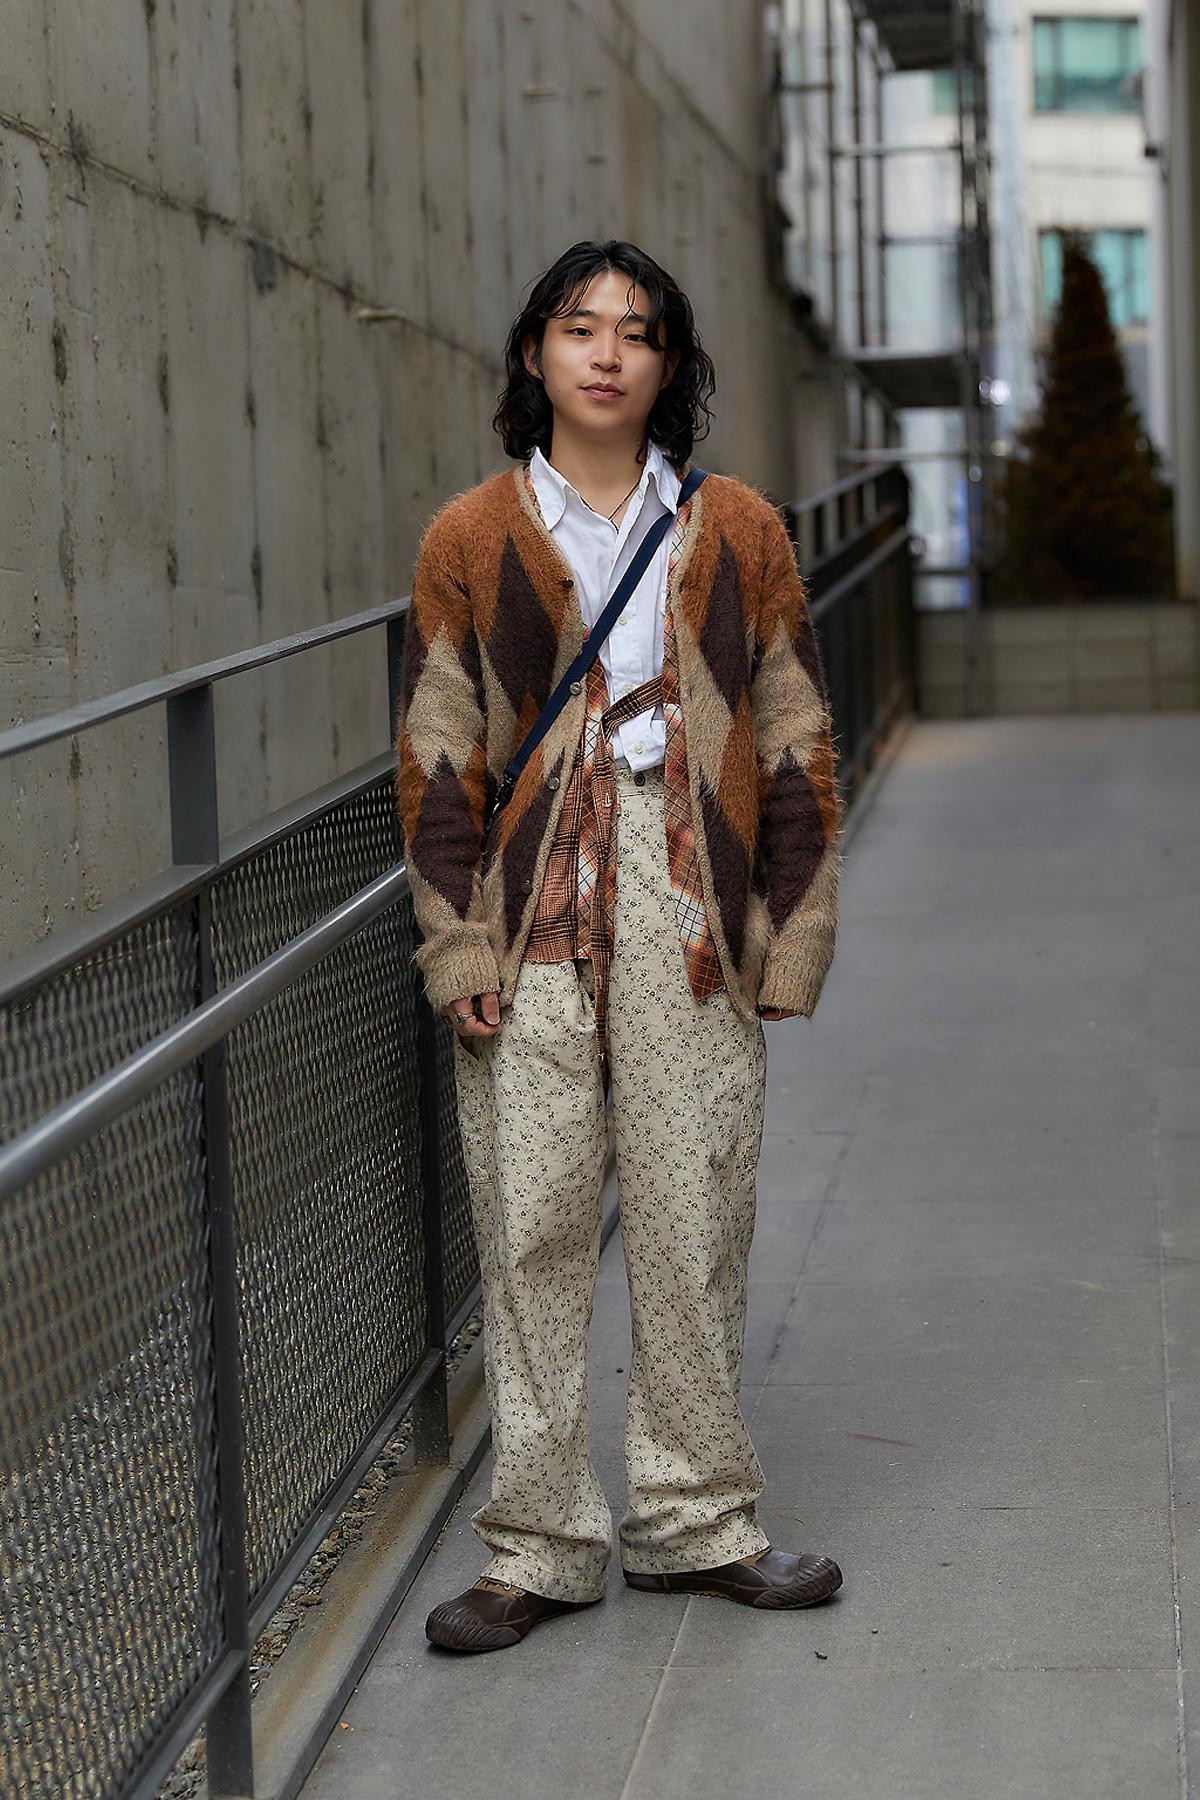 February 2020 Men's Streetwear Style in Seoul